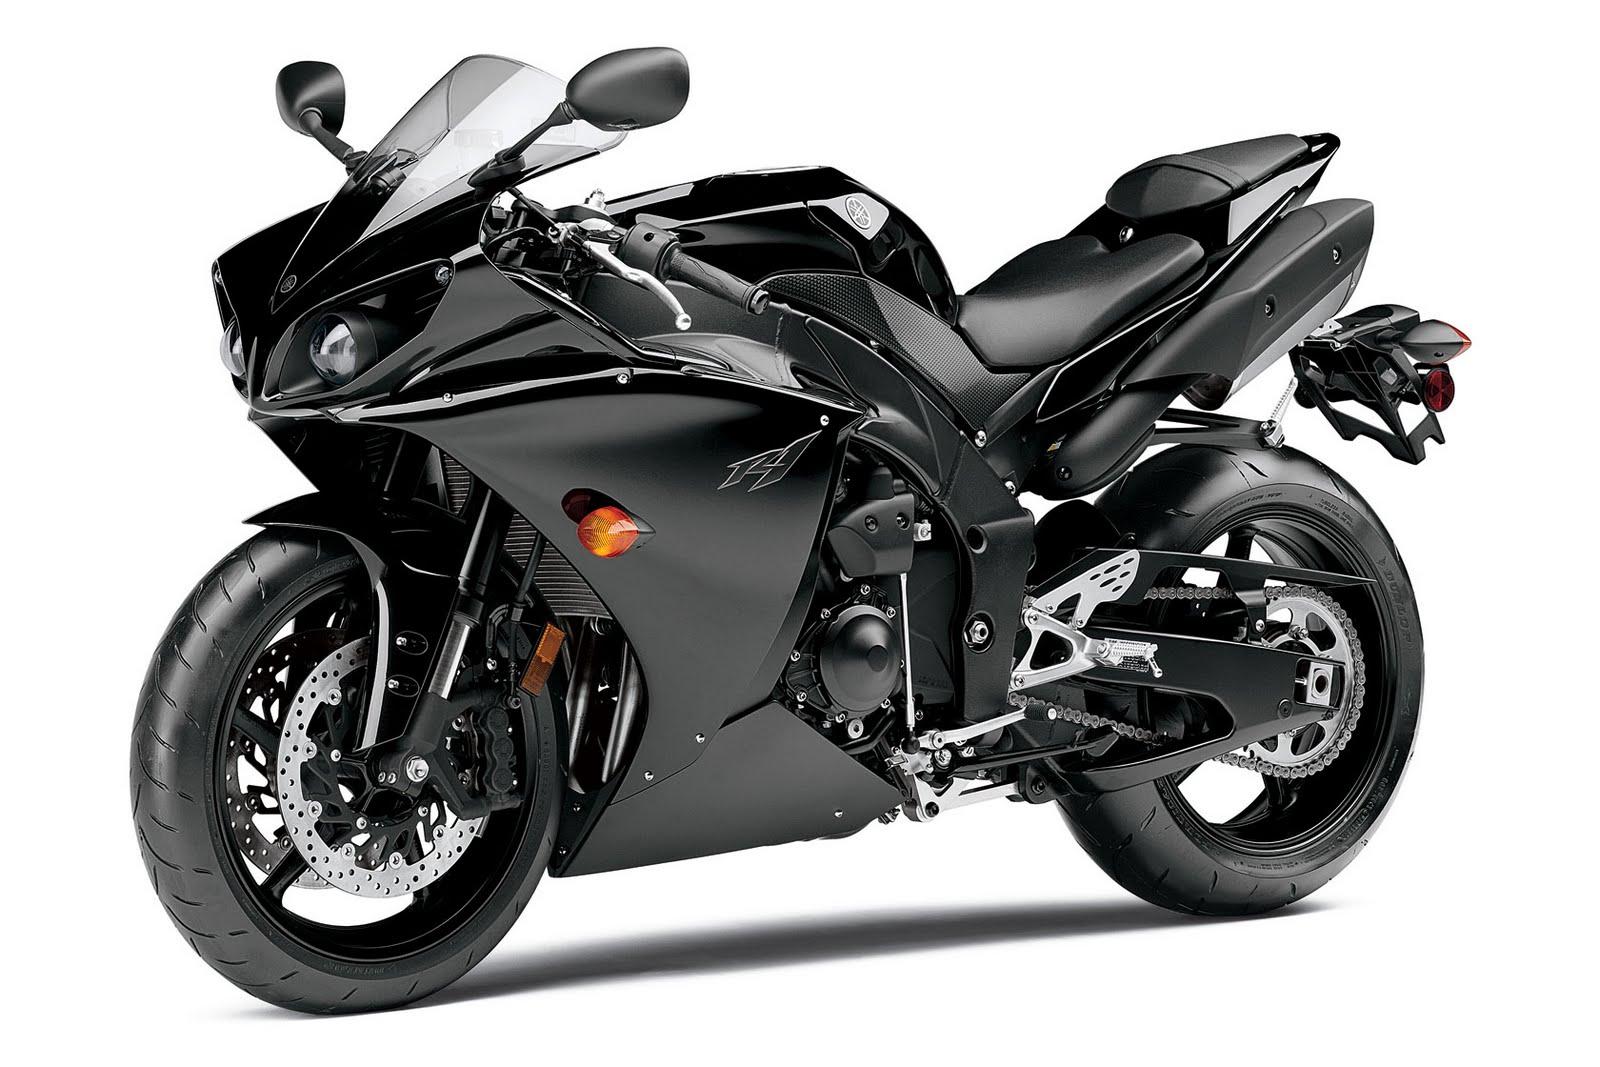 Gambar-motor-sport-yamaha-terbaru-2011.jpg